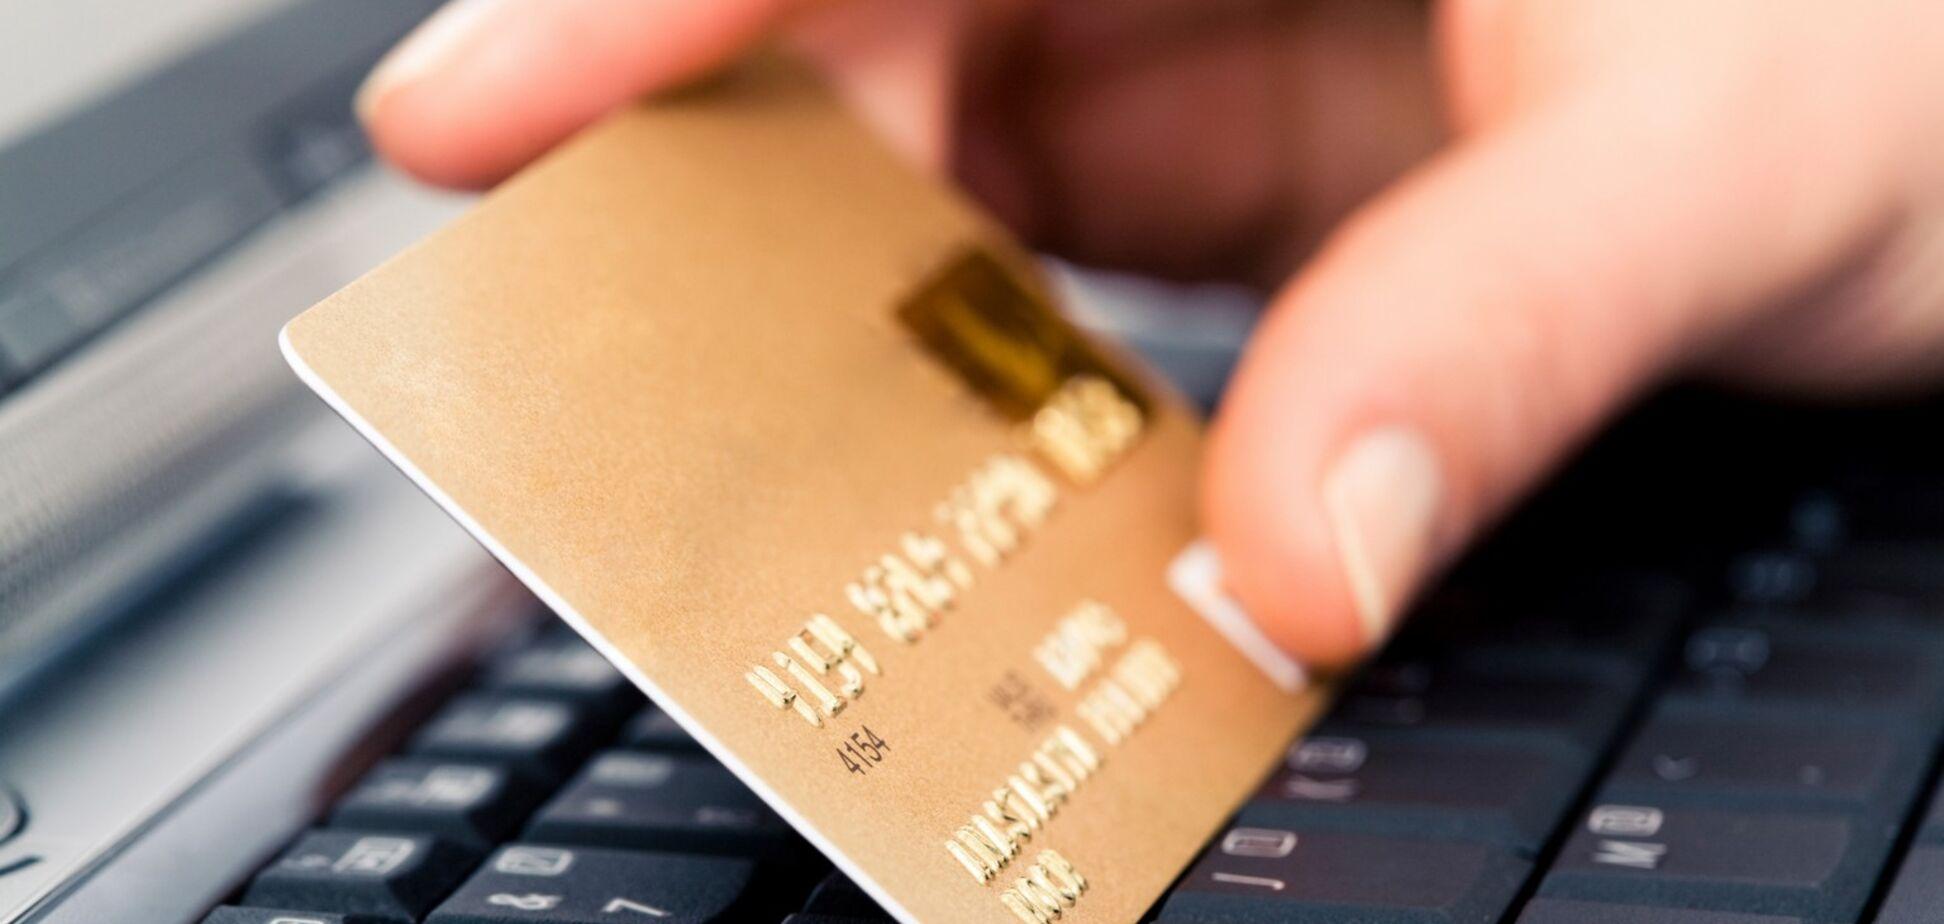 Воровство с кредитных карт: адвокат пояснил, как мошенники обходят защиту